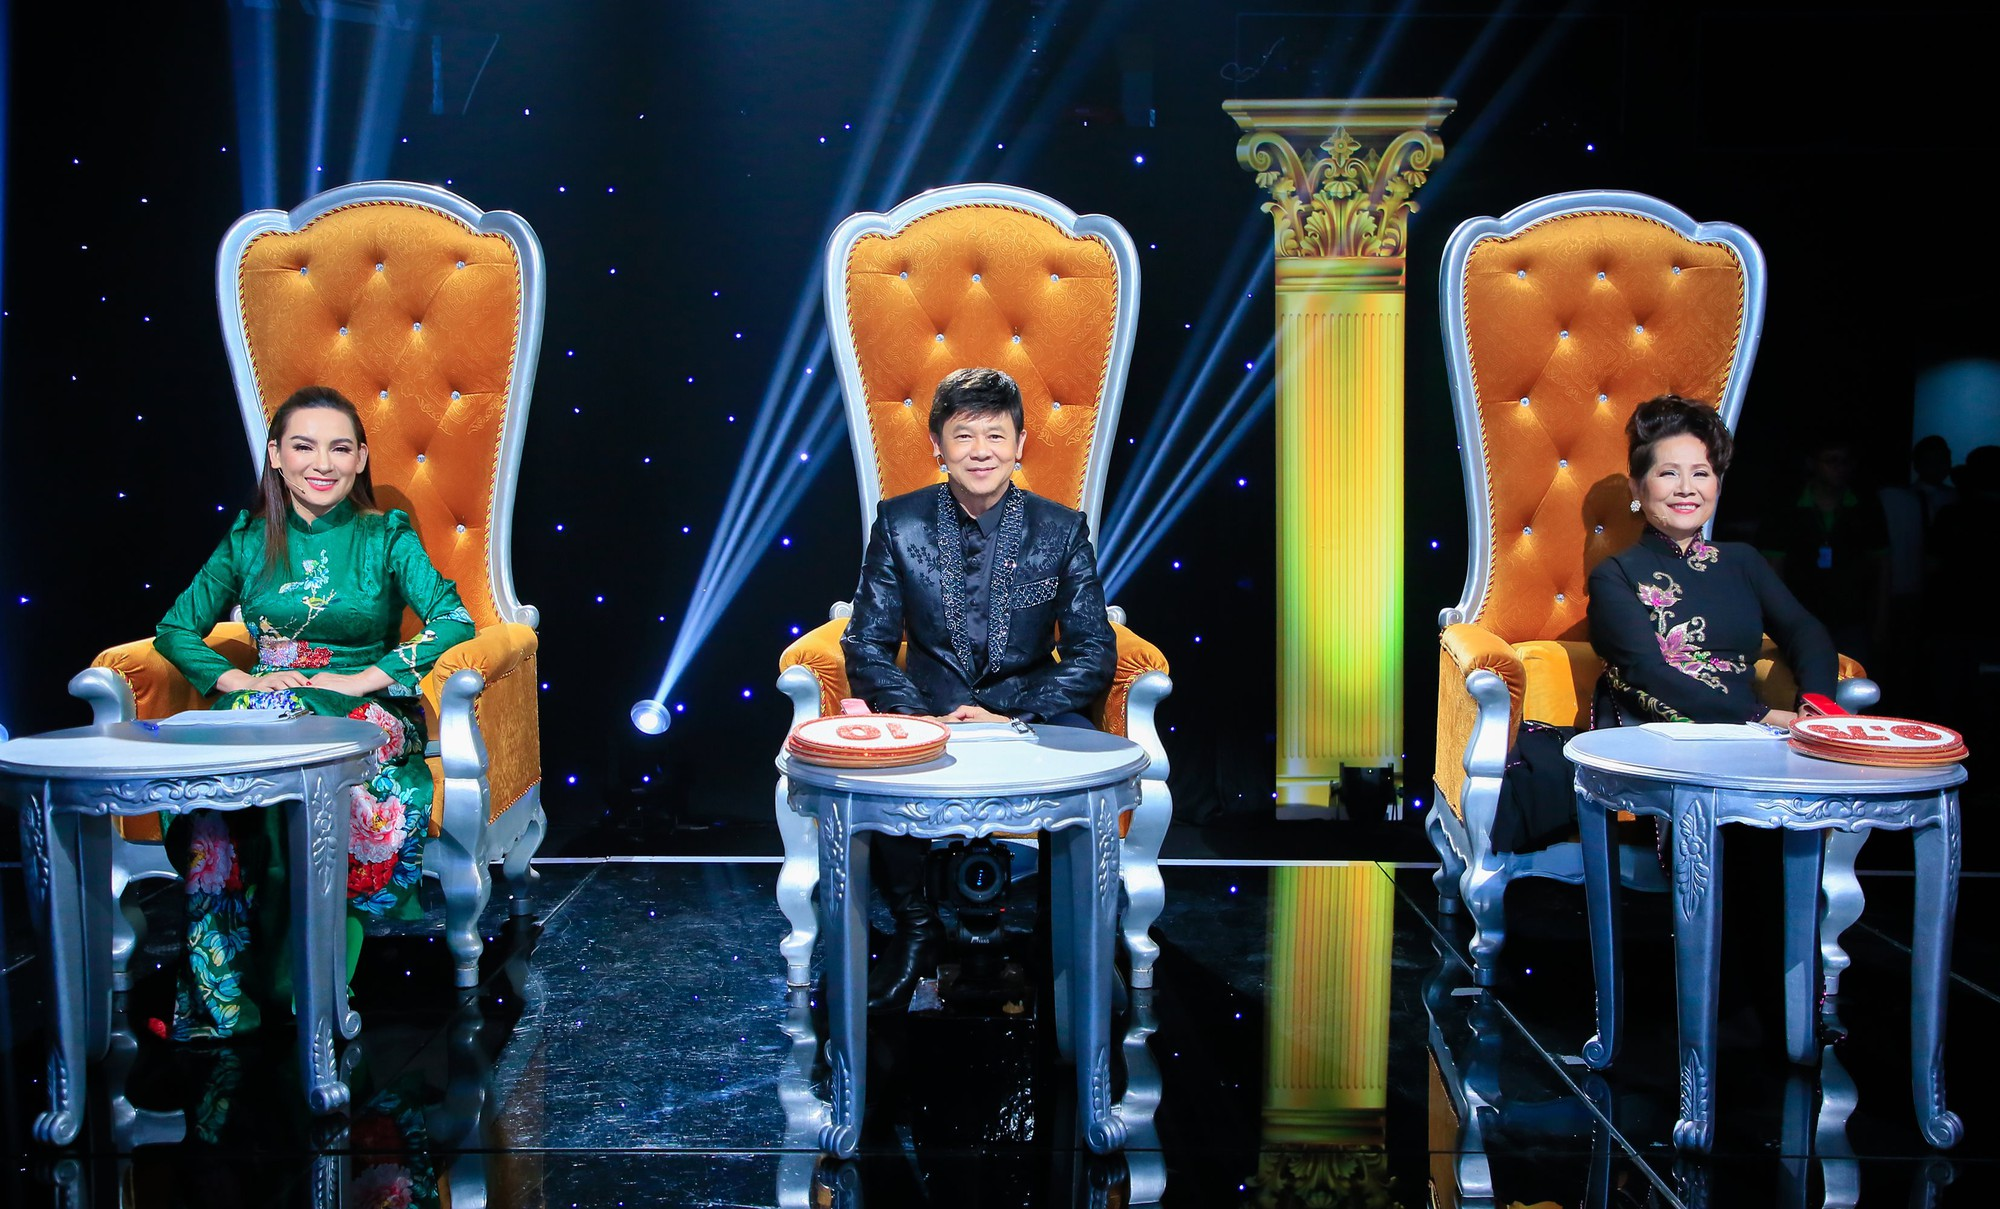 Từng thề không nhìn mặt, Phi Nhung nói gì khi ngồi ghế nóng cùng danh ca Phương Dung? - Ảnh 3.